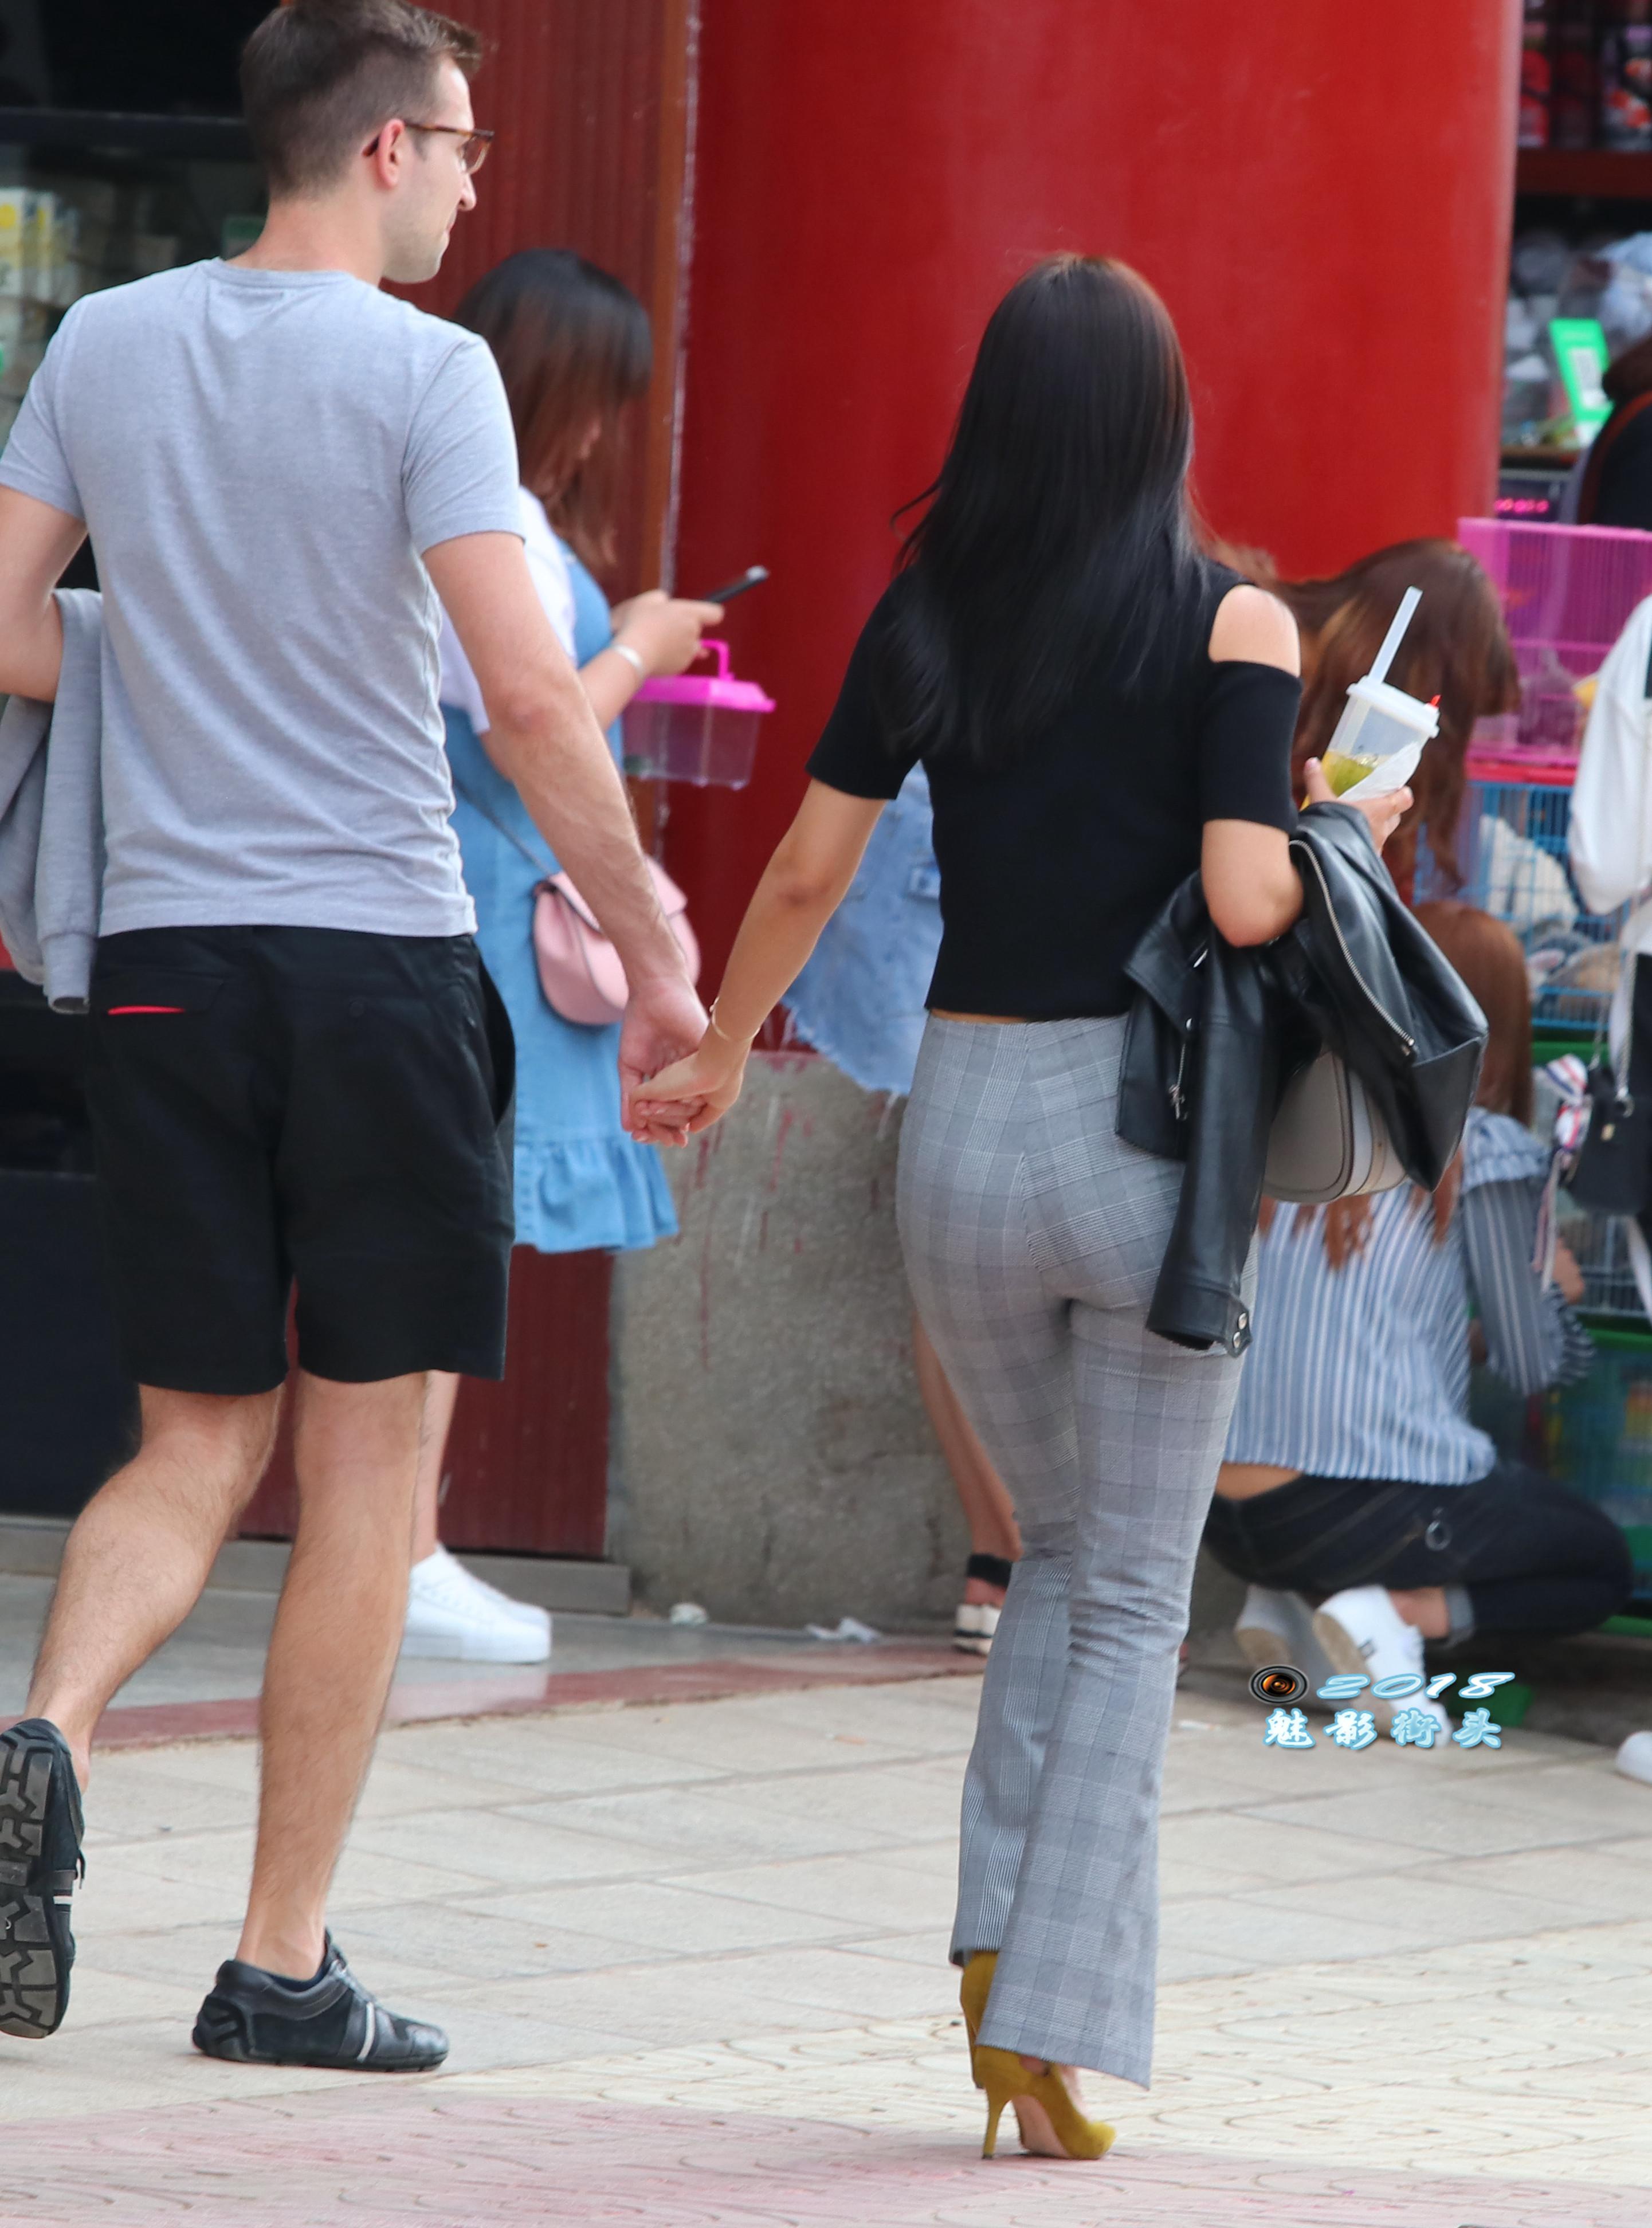 美女被插删除删除_穿格子喇叭裤的美女身材不错,细腰,翘臀,长腿,背影迷人